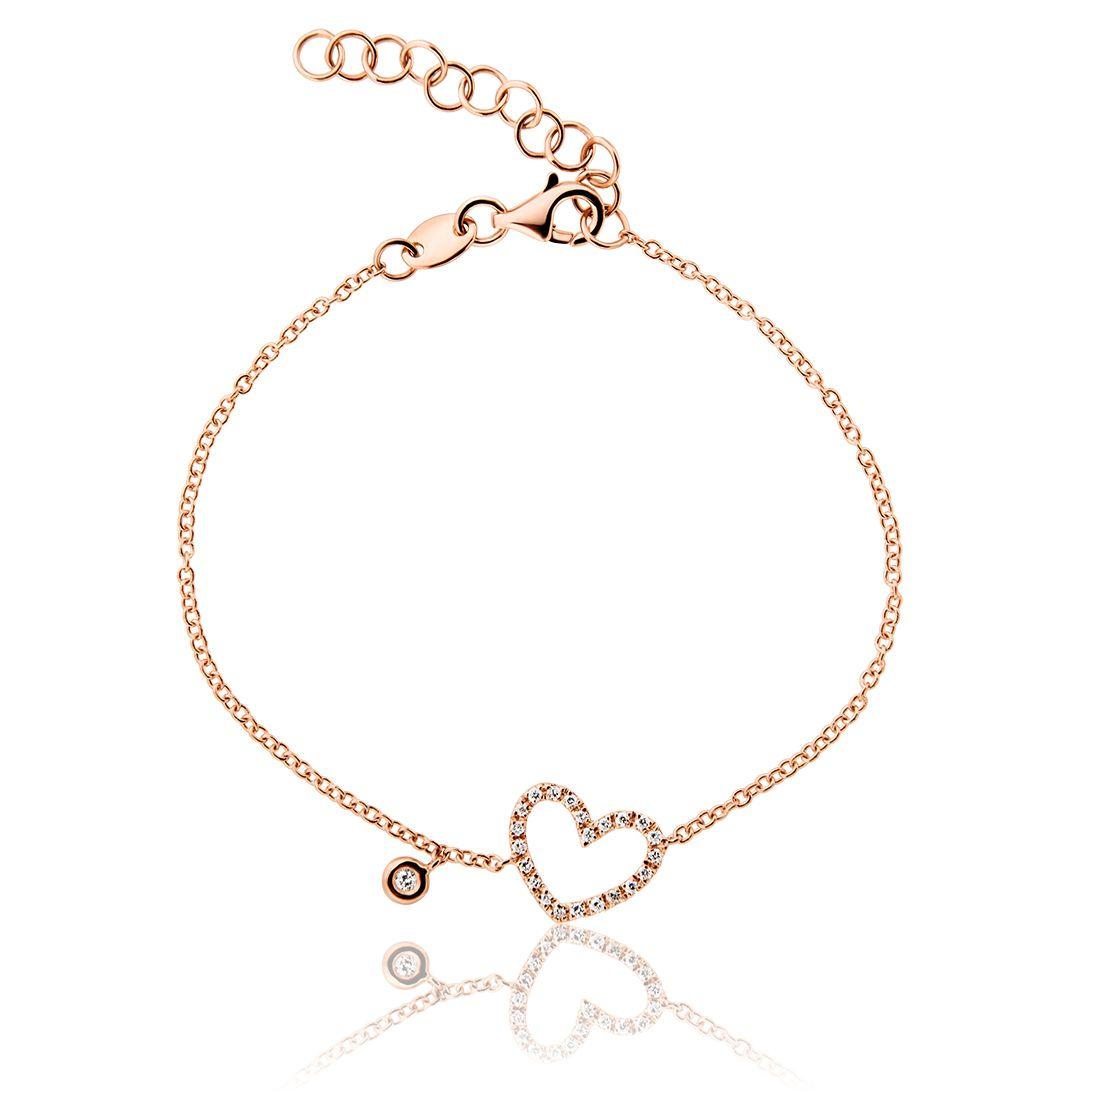 Βραχιόλι Diamonds Collection από ροζ χρυσό 18Κ με μπριγιάν 0.12ct VS F G  Διαμάντια 15bea0e2c29